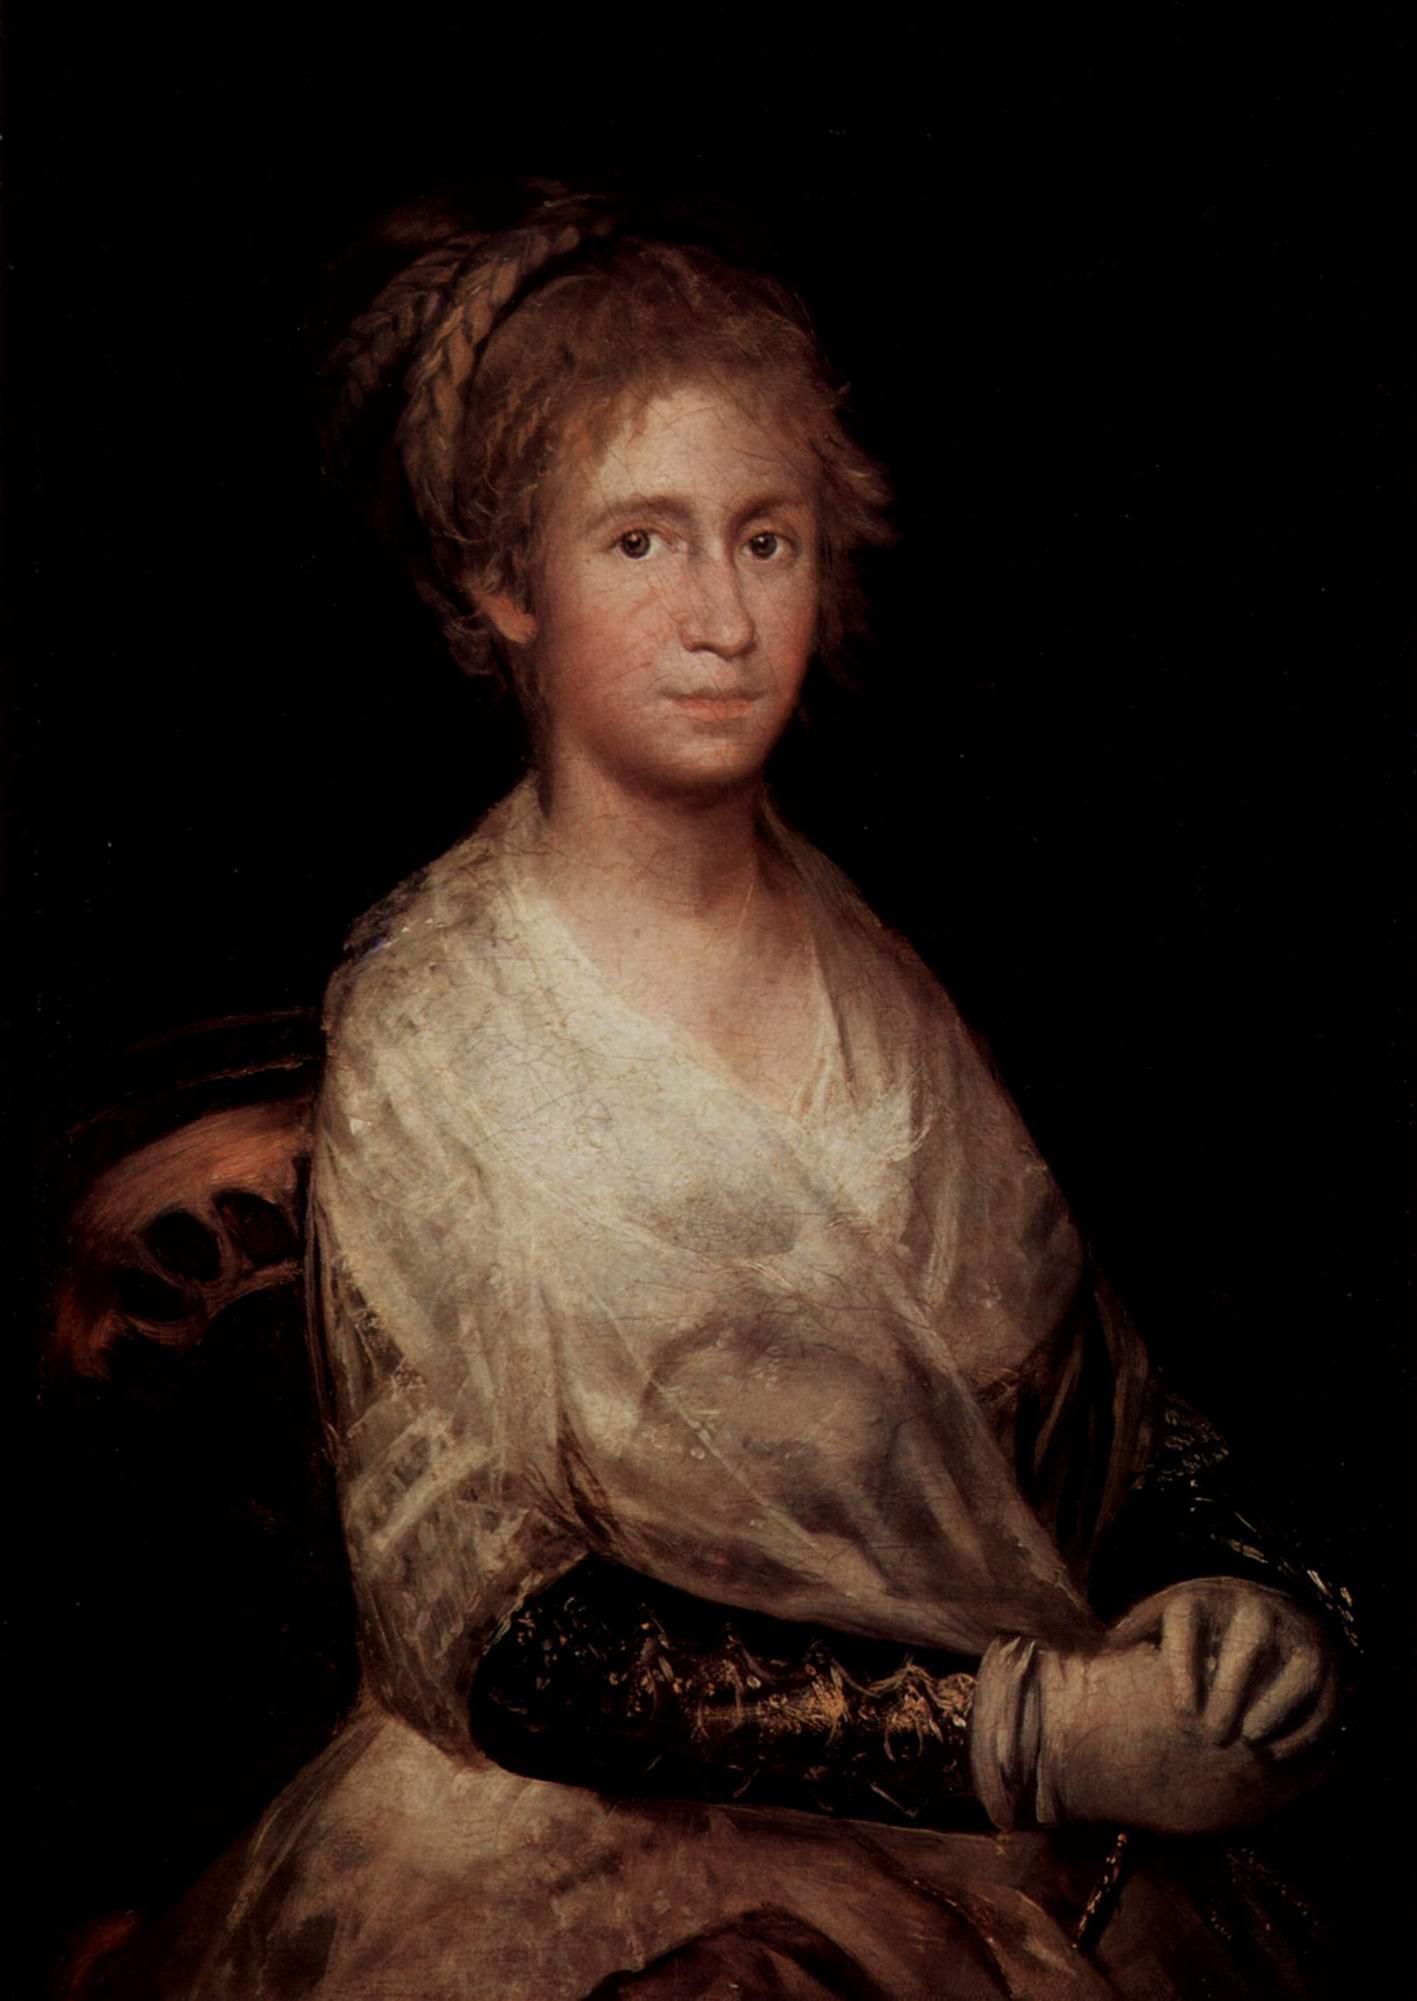 Портрет Хосефы Байю де Гойя, жены художника, Франсиско де Гойя-и-Лусьентес